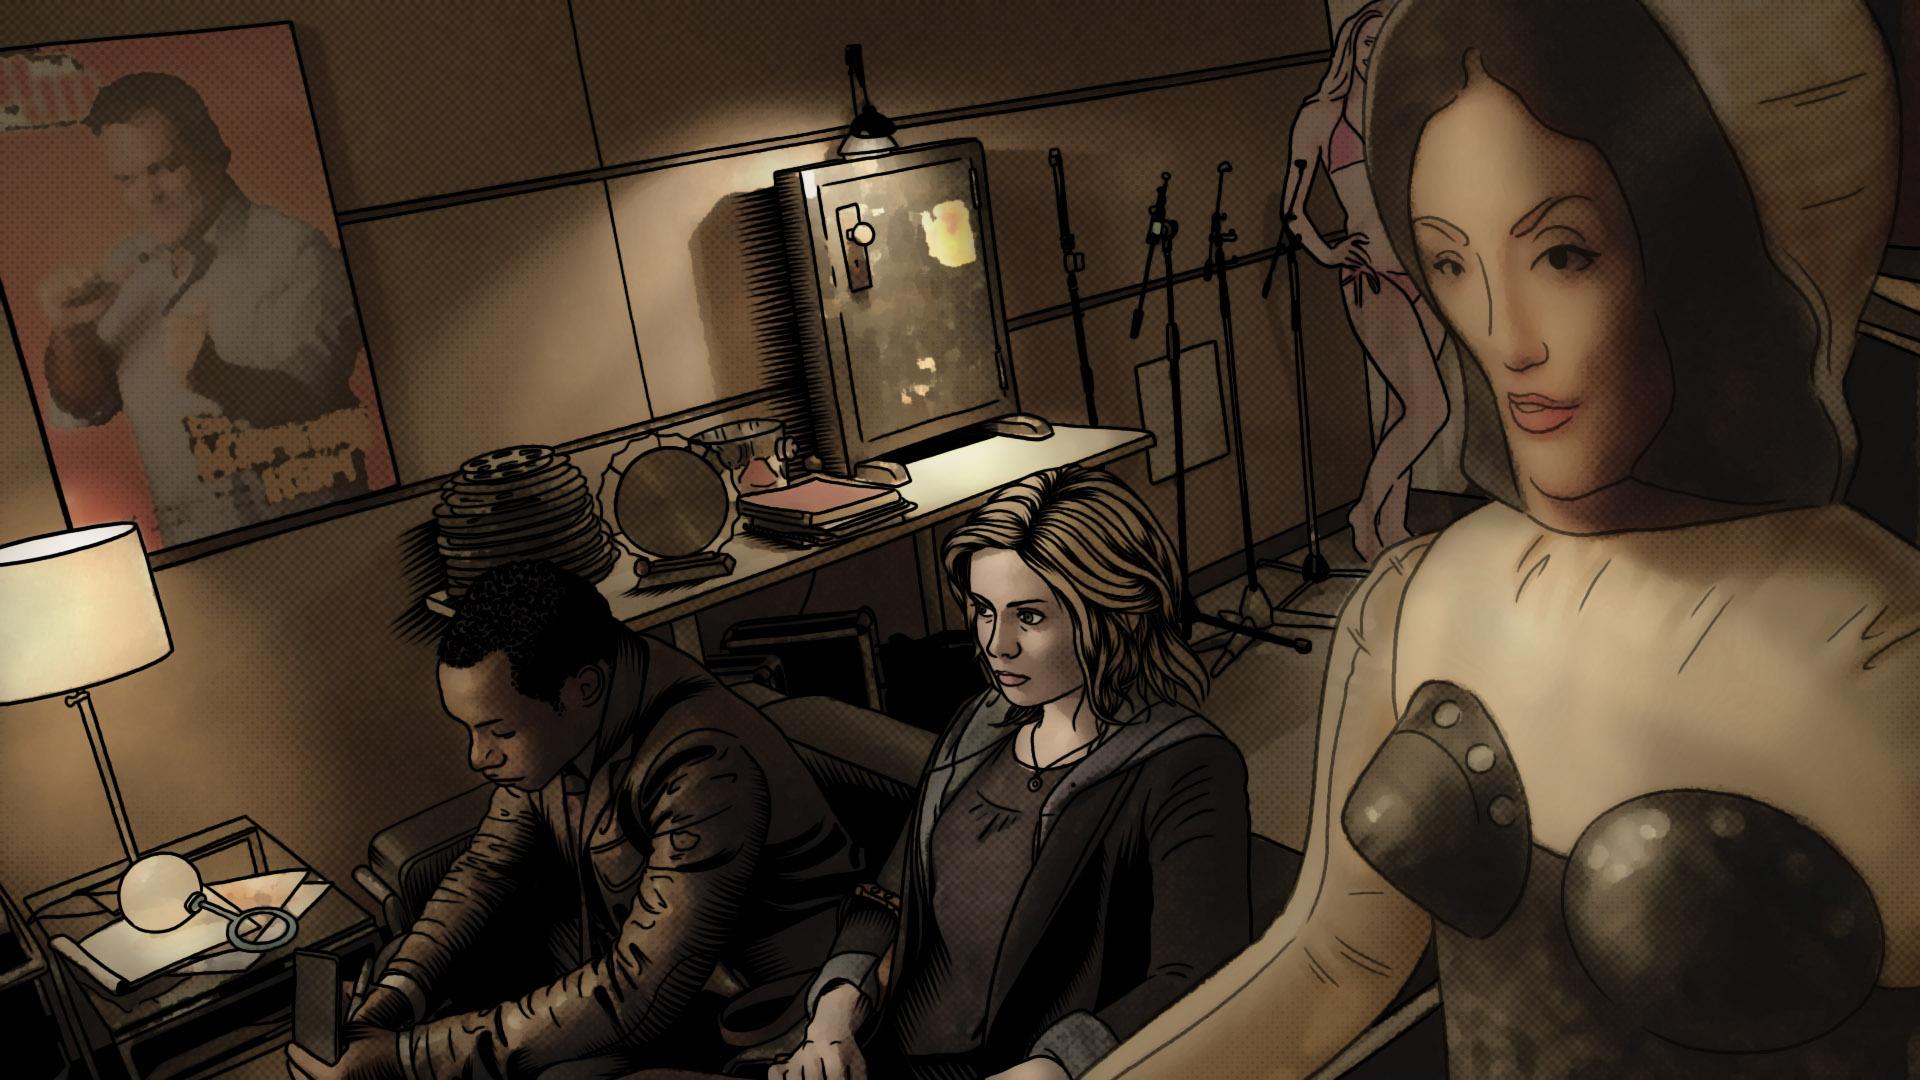 iz_109_comic_020_010_RD